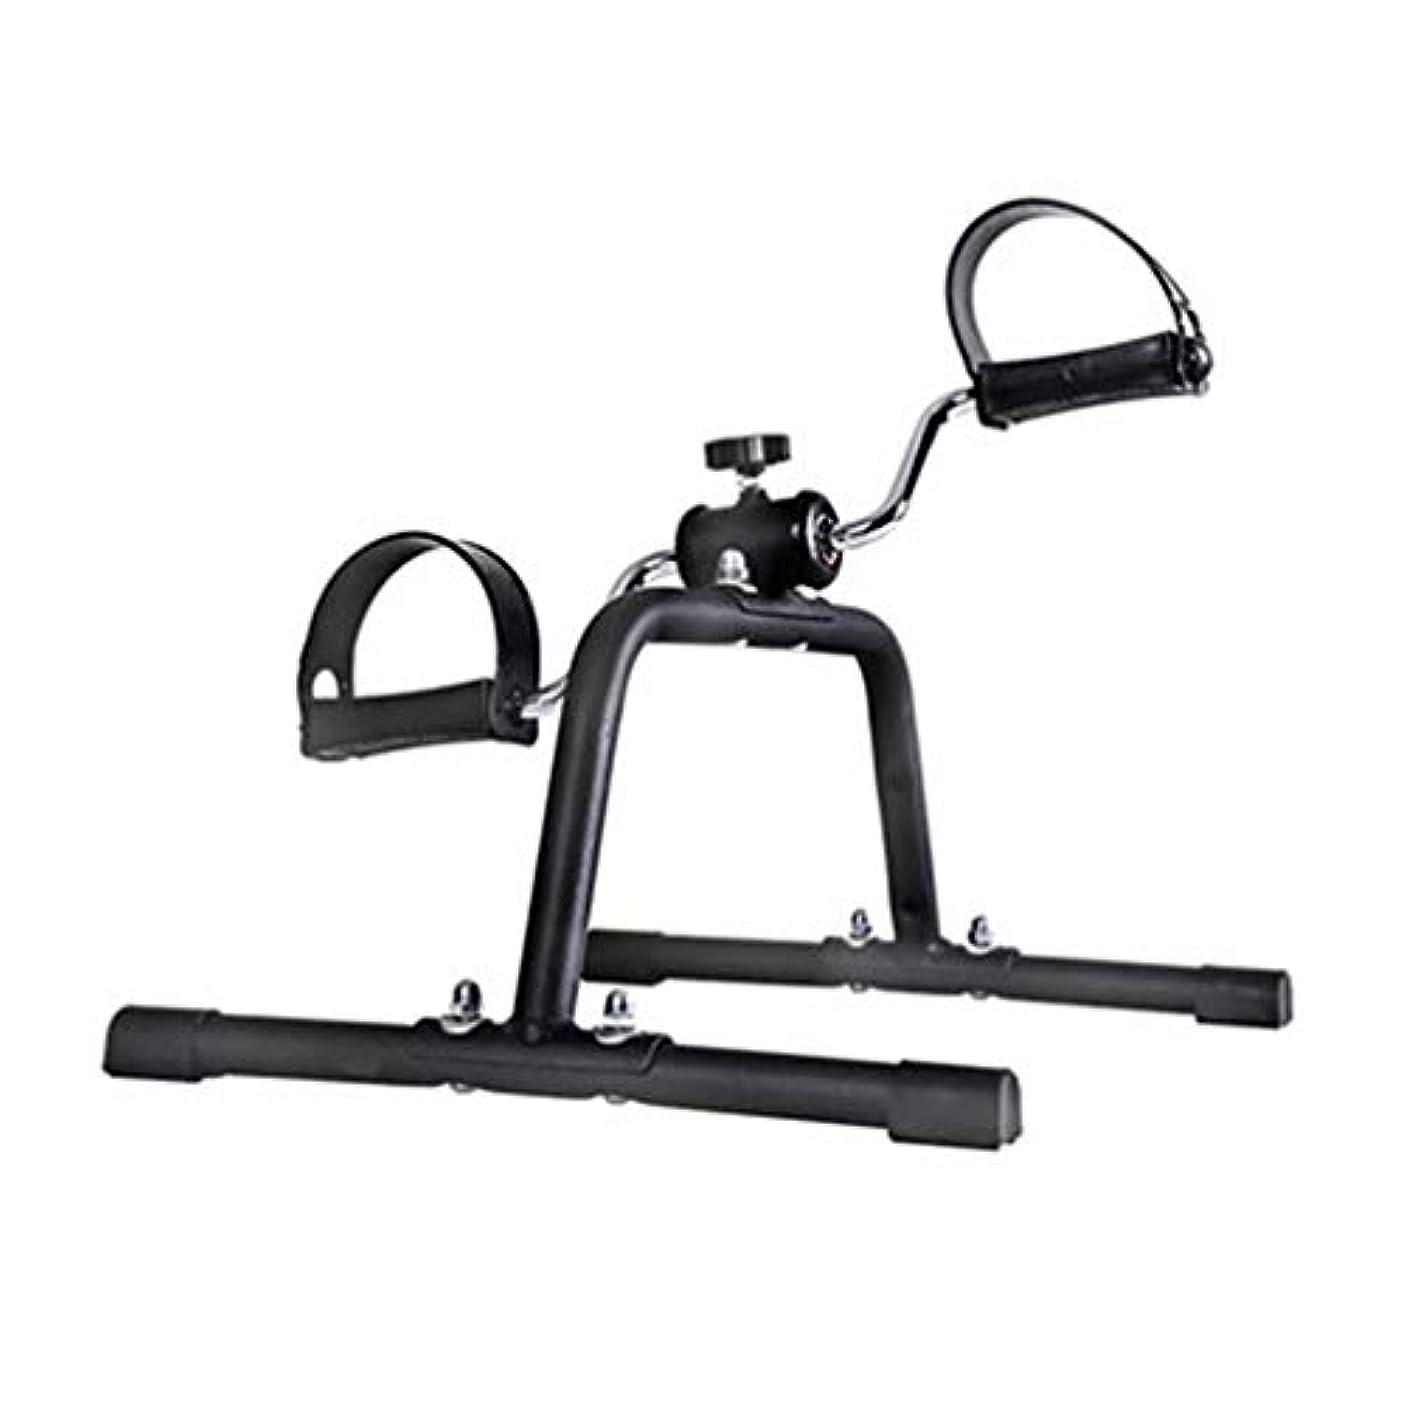 素朴な親指グローポータブルアームと脚ペダルエクササイザーホームインドアミニエクササイズバイク抵抗調整可能な高齢者上下肢リハビリテーショントレーニングマシン,A